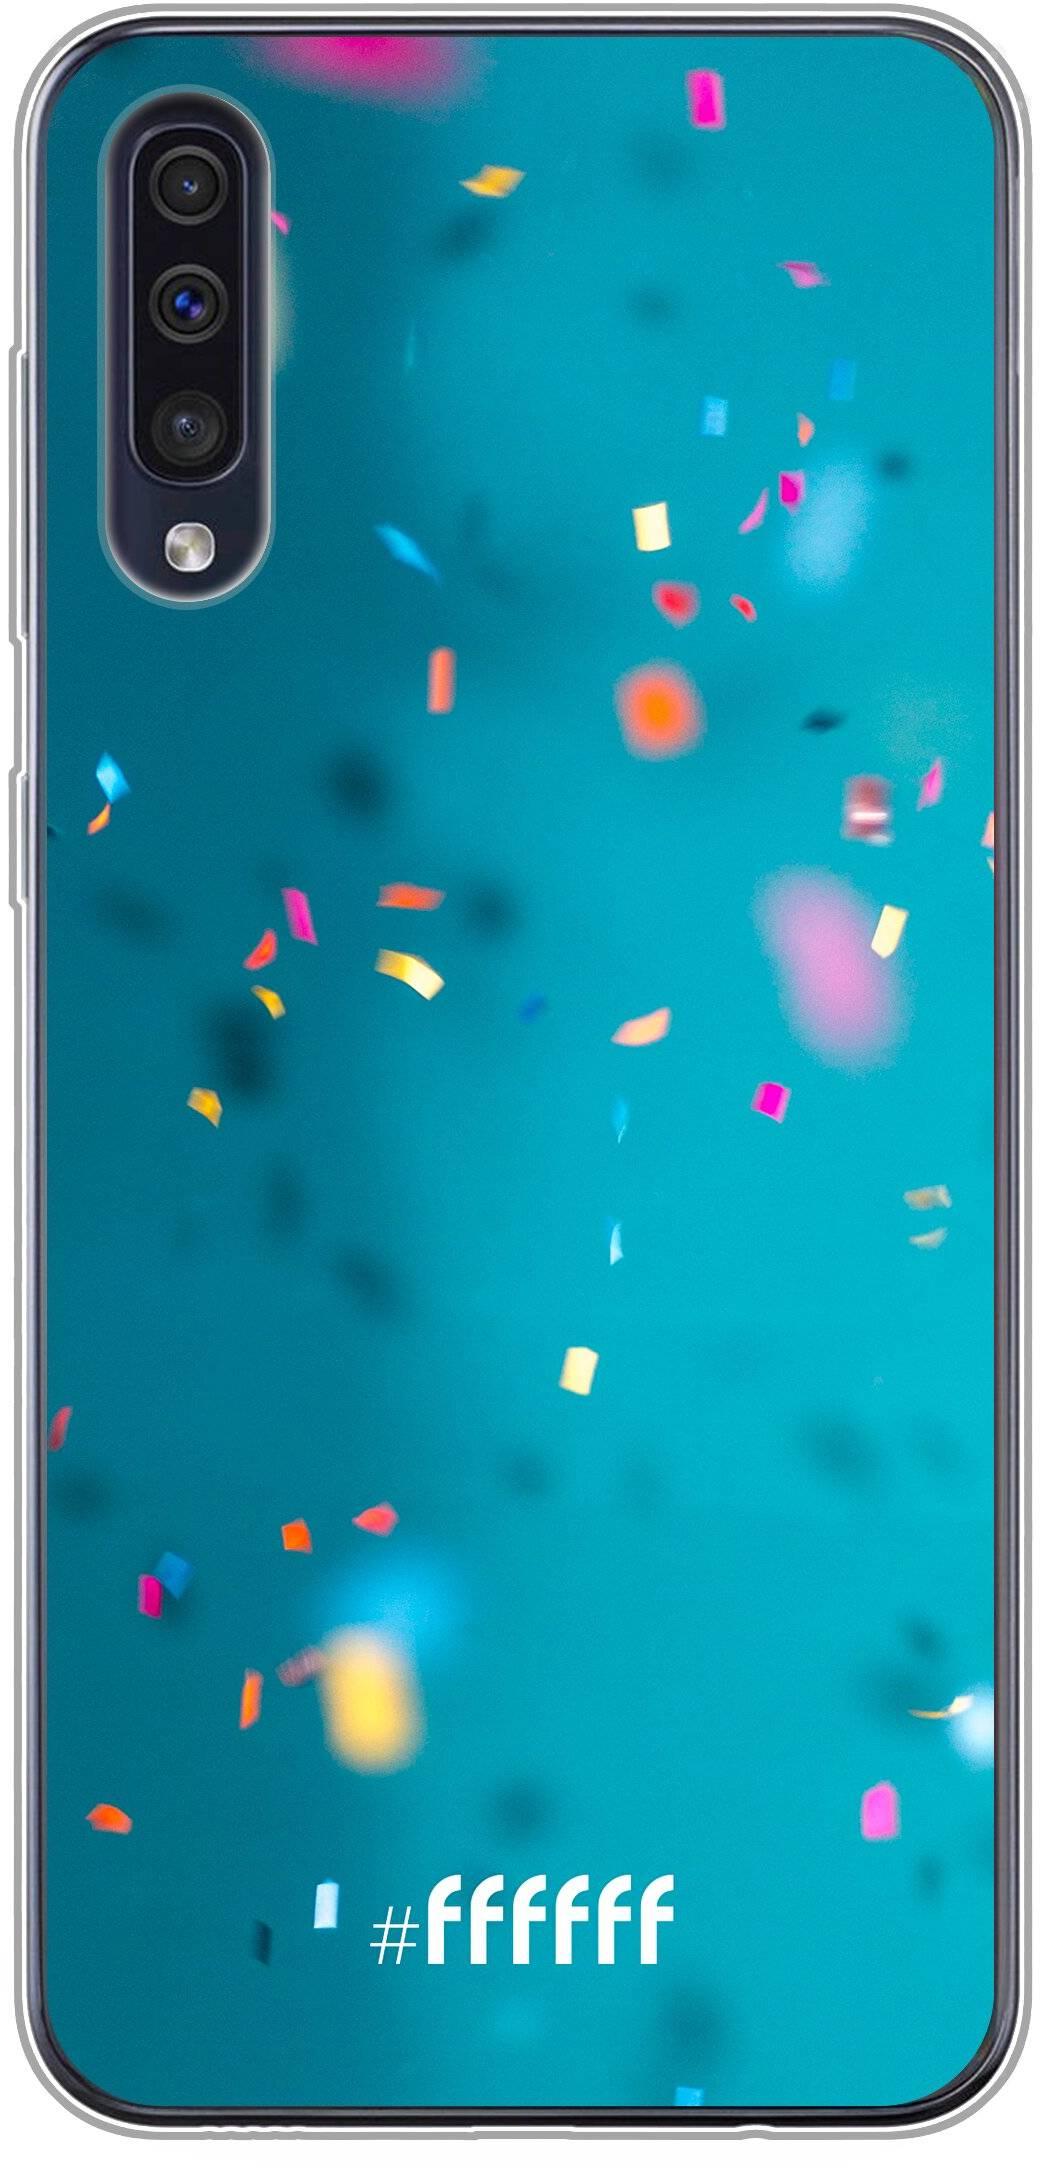 Confetti Galaxy A50s